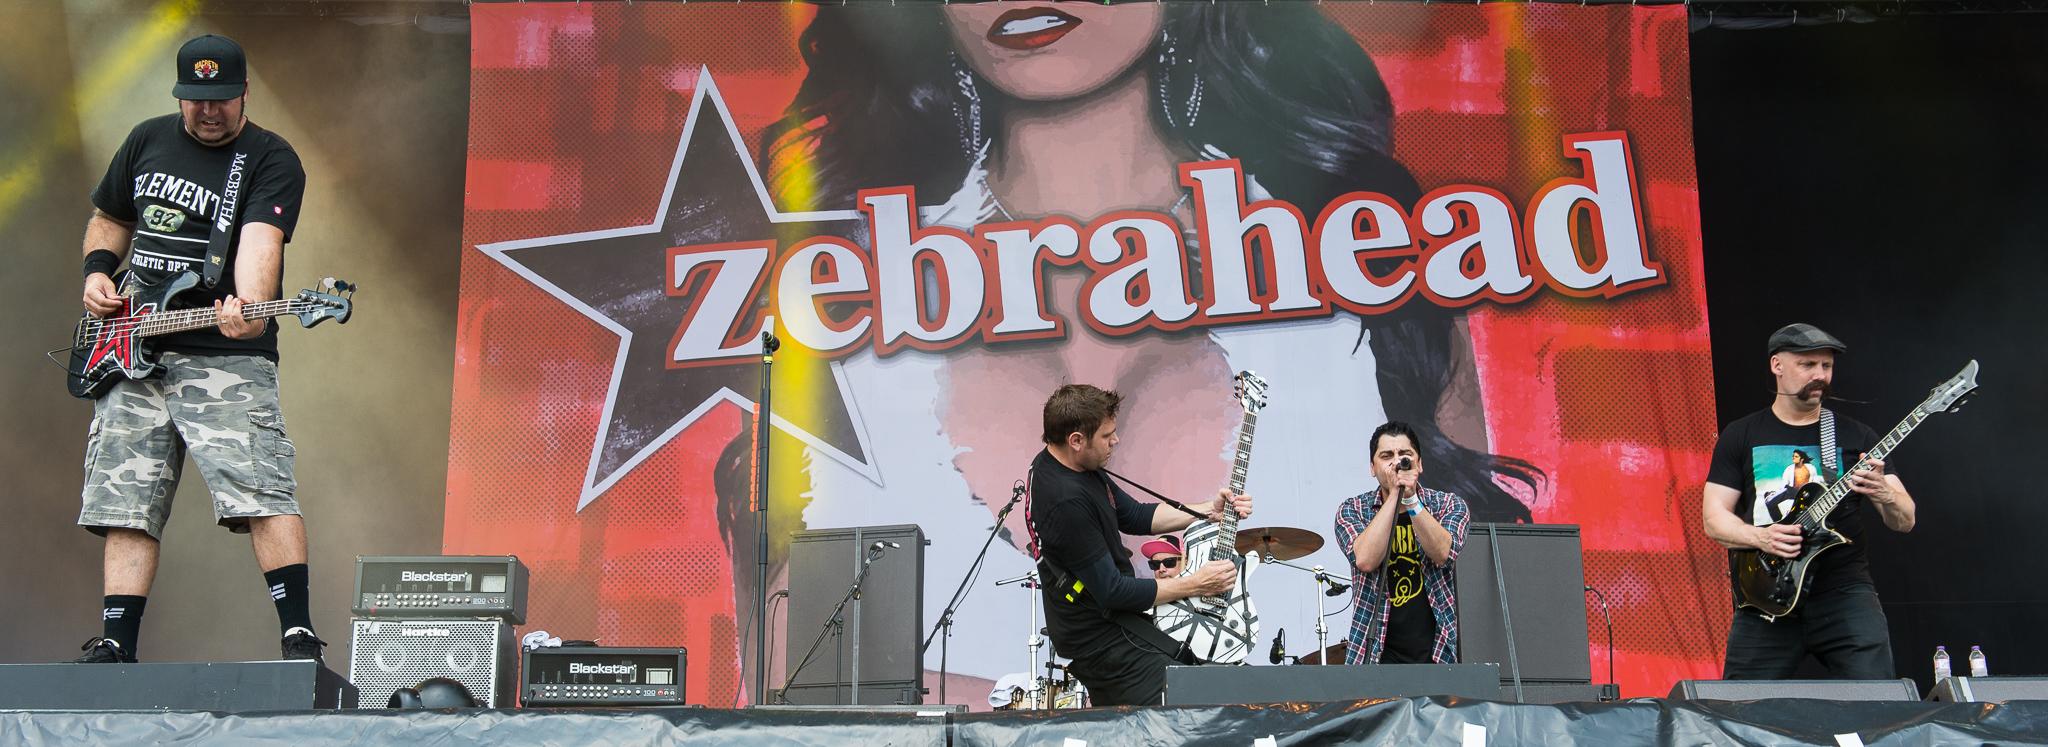 """Neueinsteiger: Zebrahead - """"All My Friends Are Nobodies"""""""